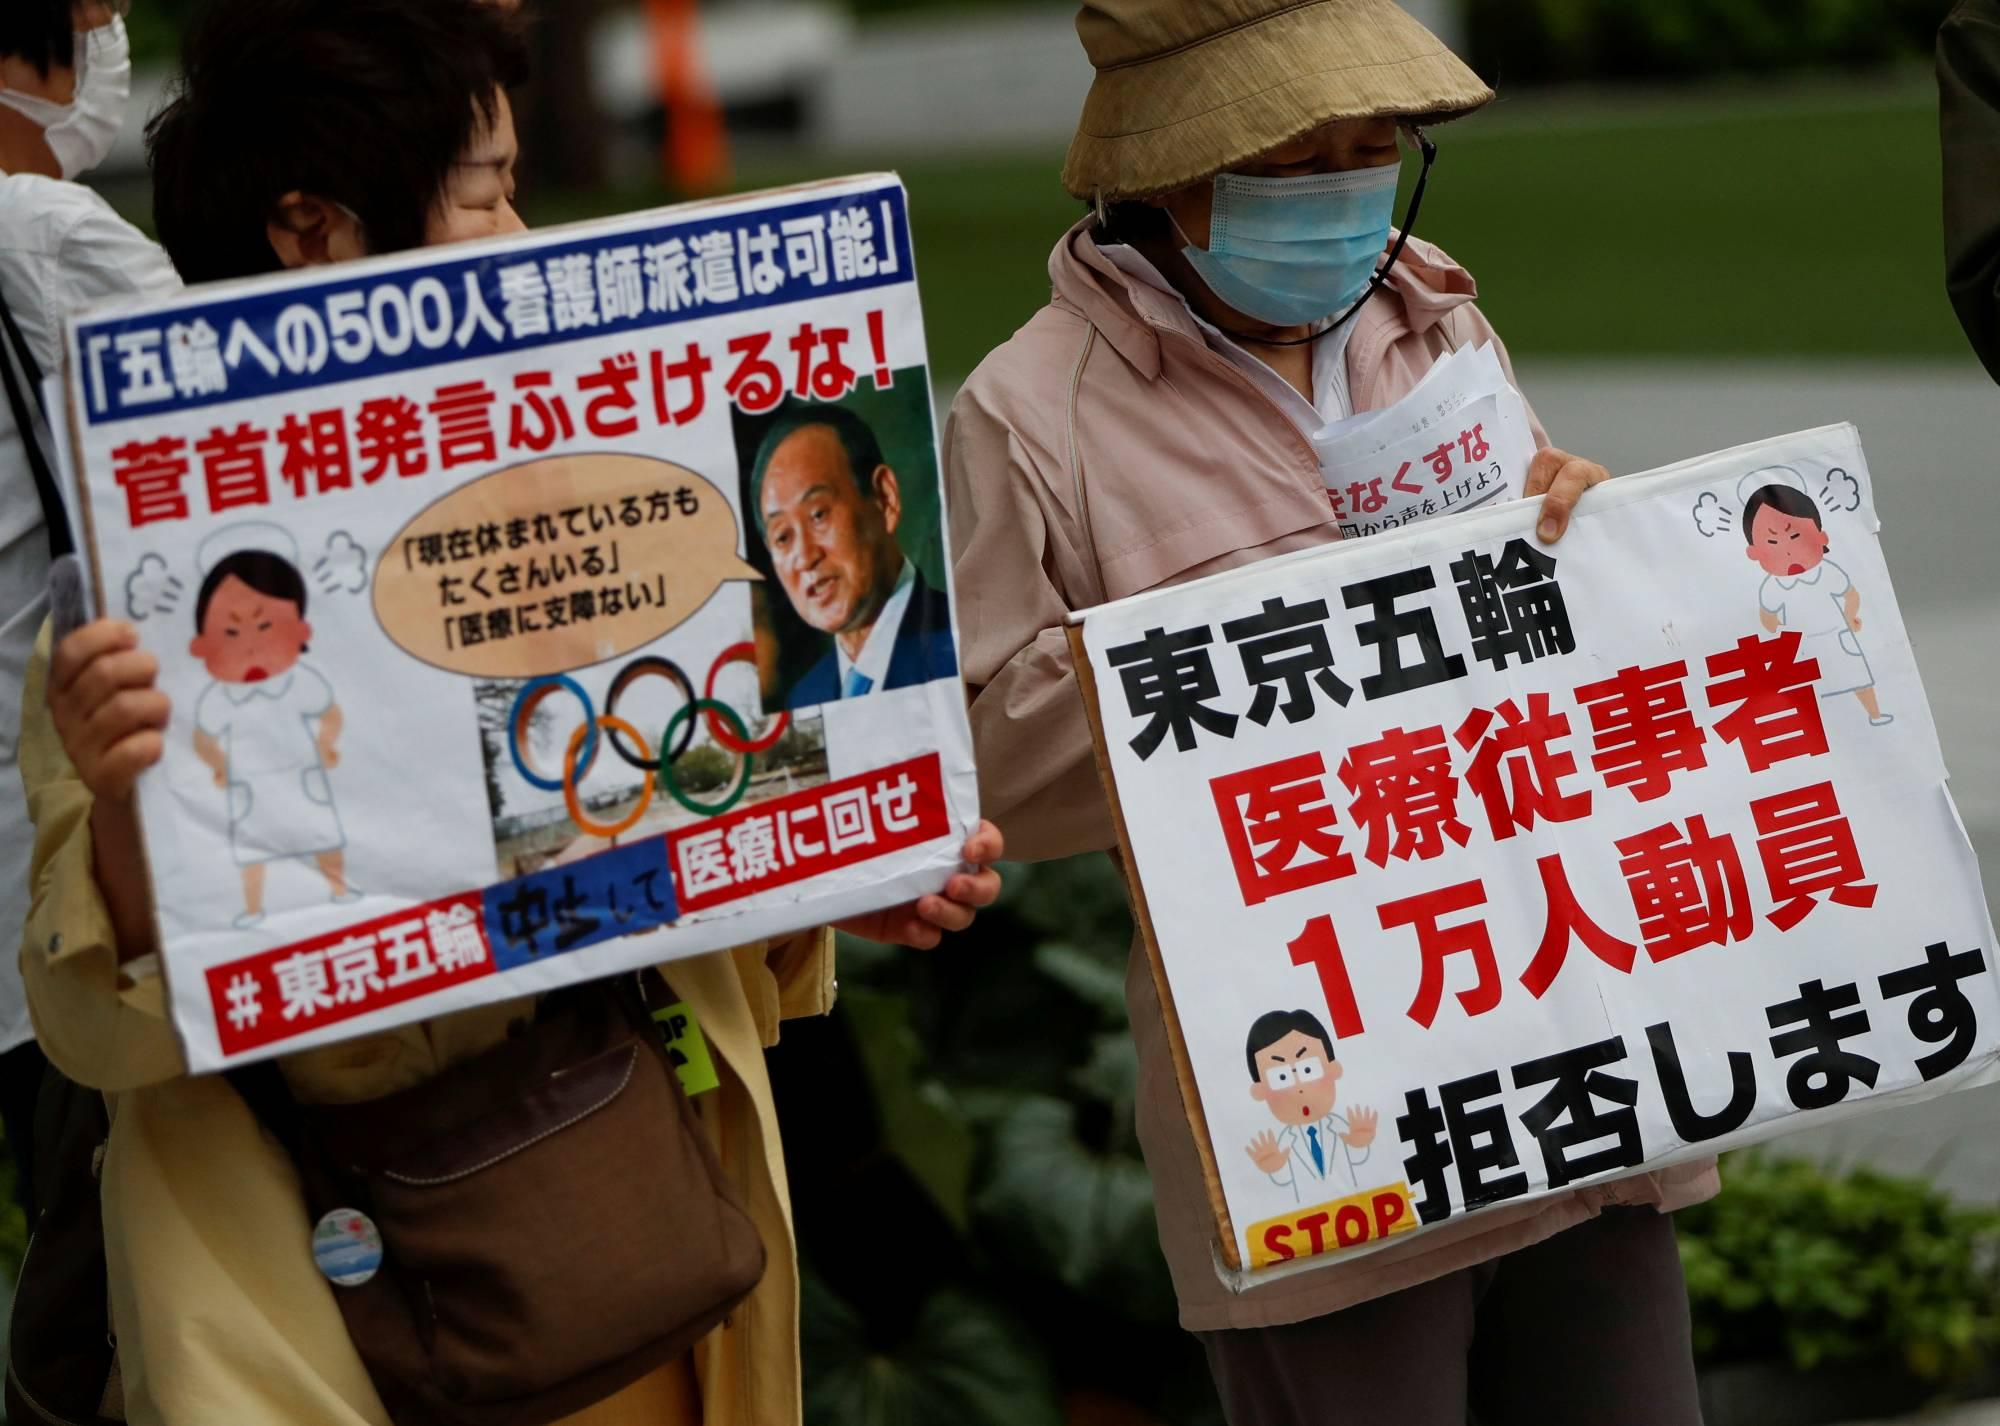 Trong bối cảnh biến chủng virus Covid-19 đang hoành hành, có đến 80% người dân Nhật phản đối Thế vận hội được tổ chức trên quê nhà.